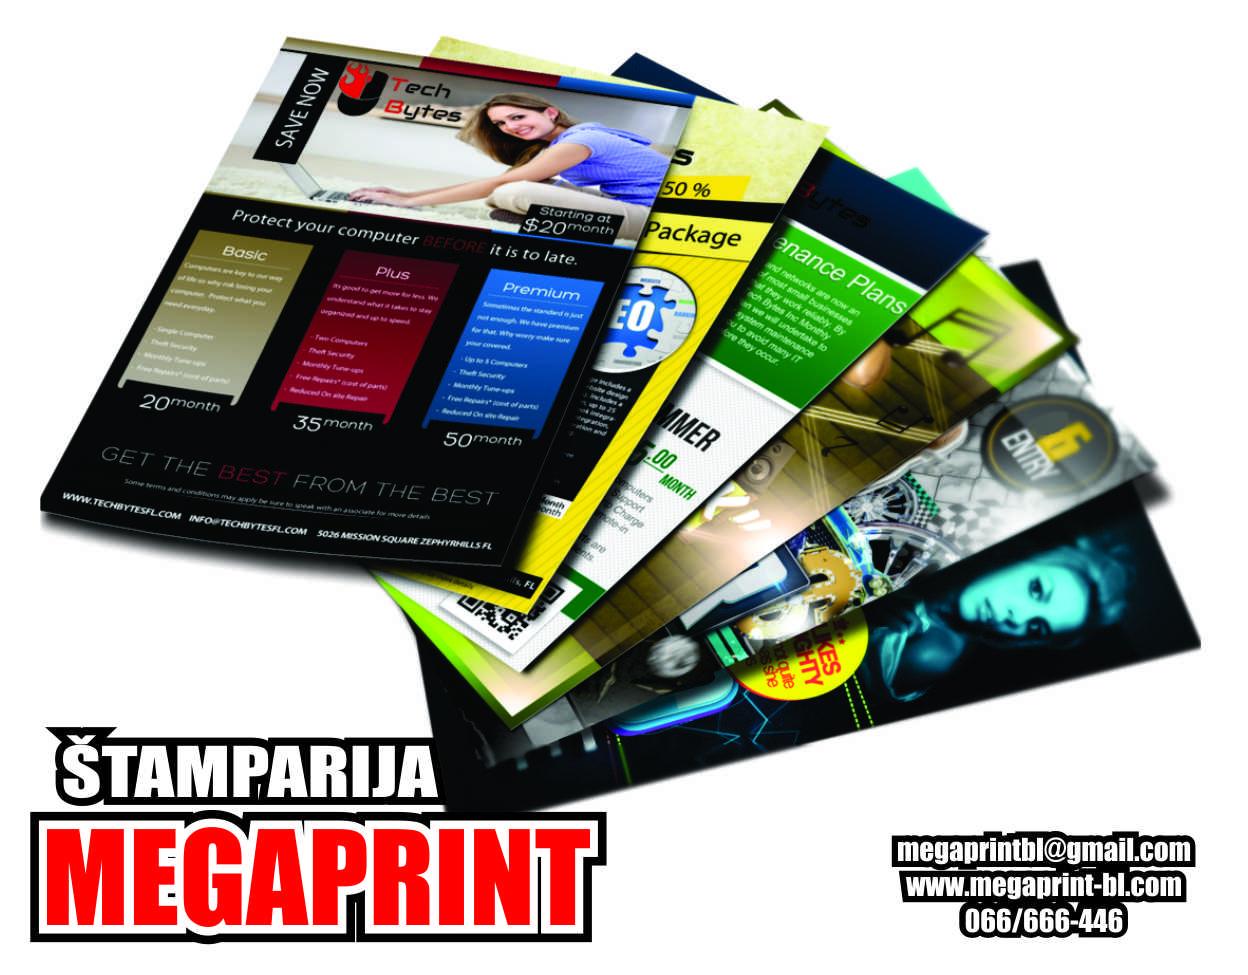 MEGAPRINT 18